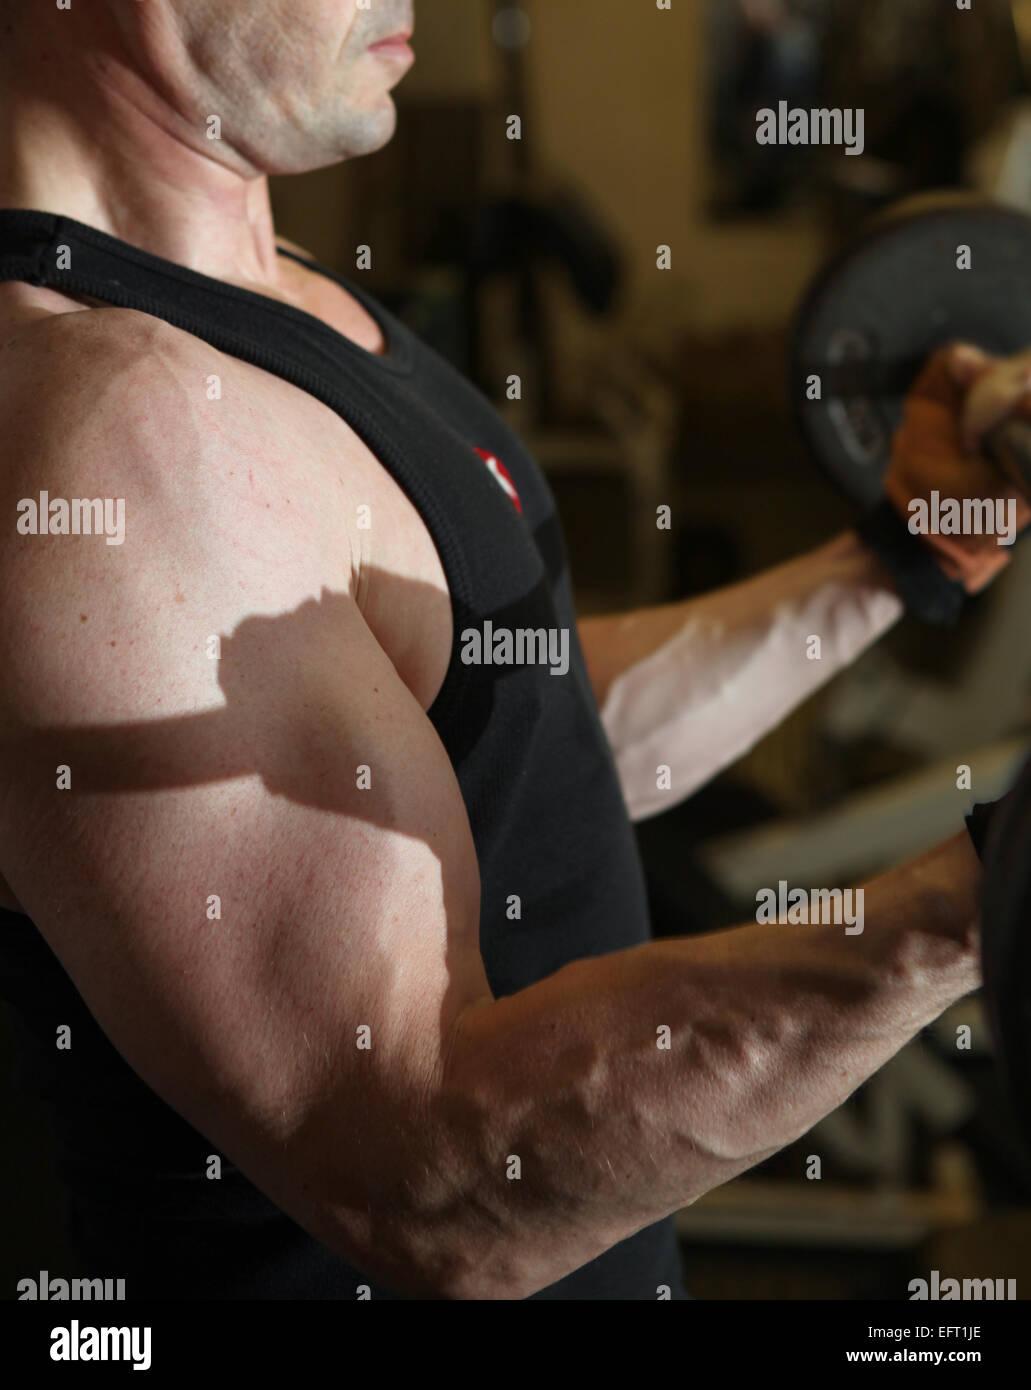 Bodybuilding allenamento in palestra. Maschio di sollevamento di pesi liberi. formazione con barbell per costruire Immagini Stock